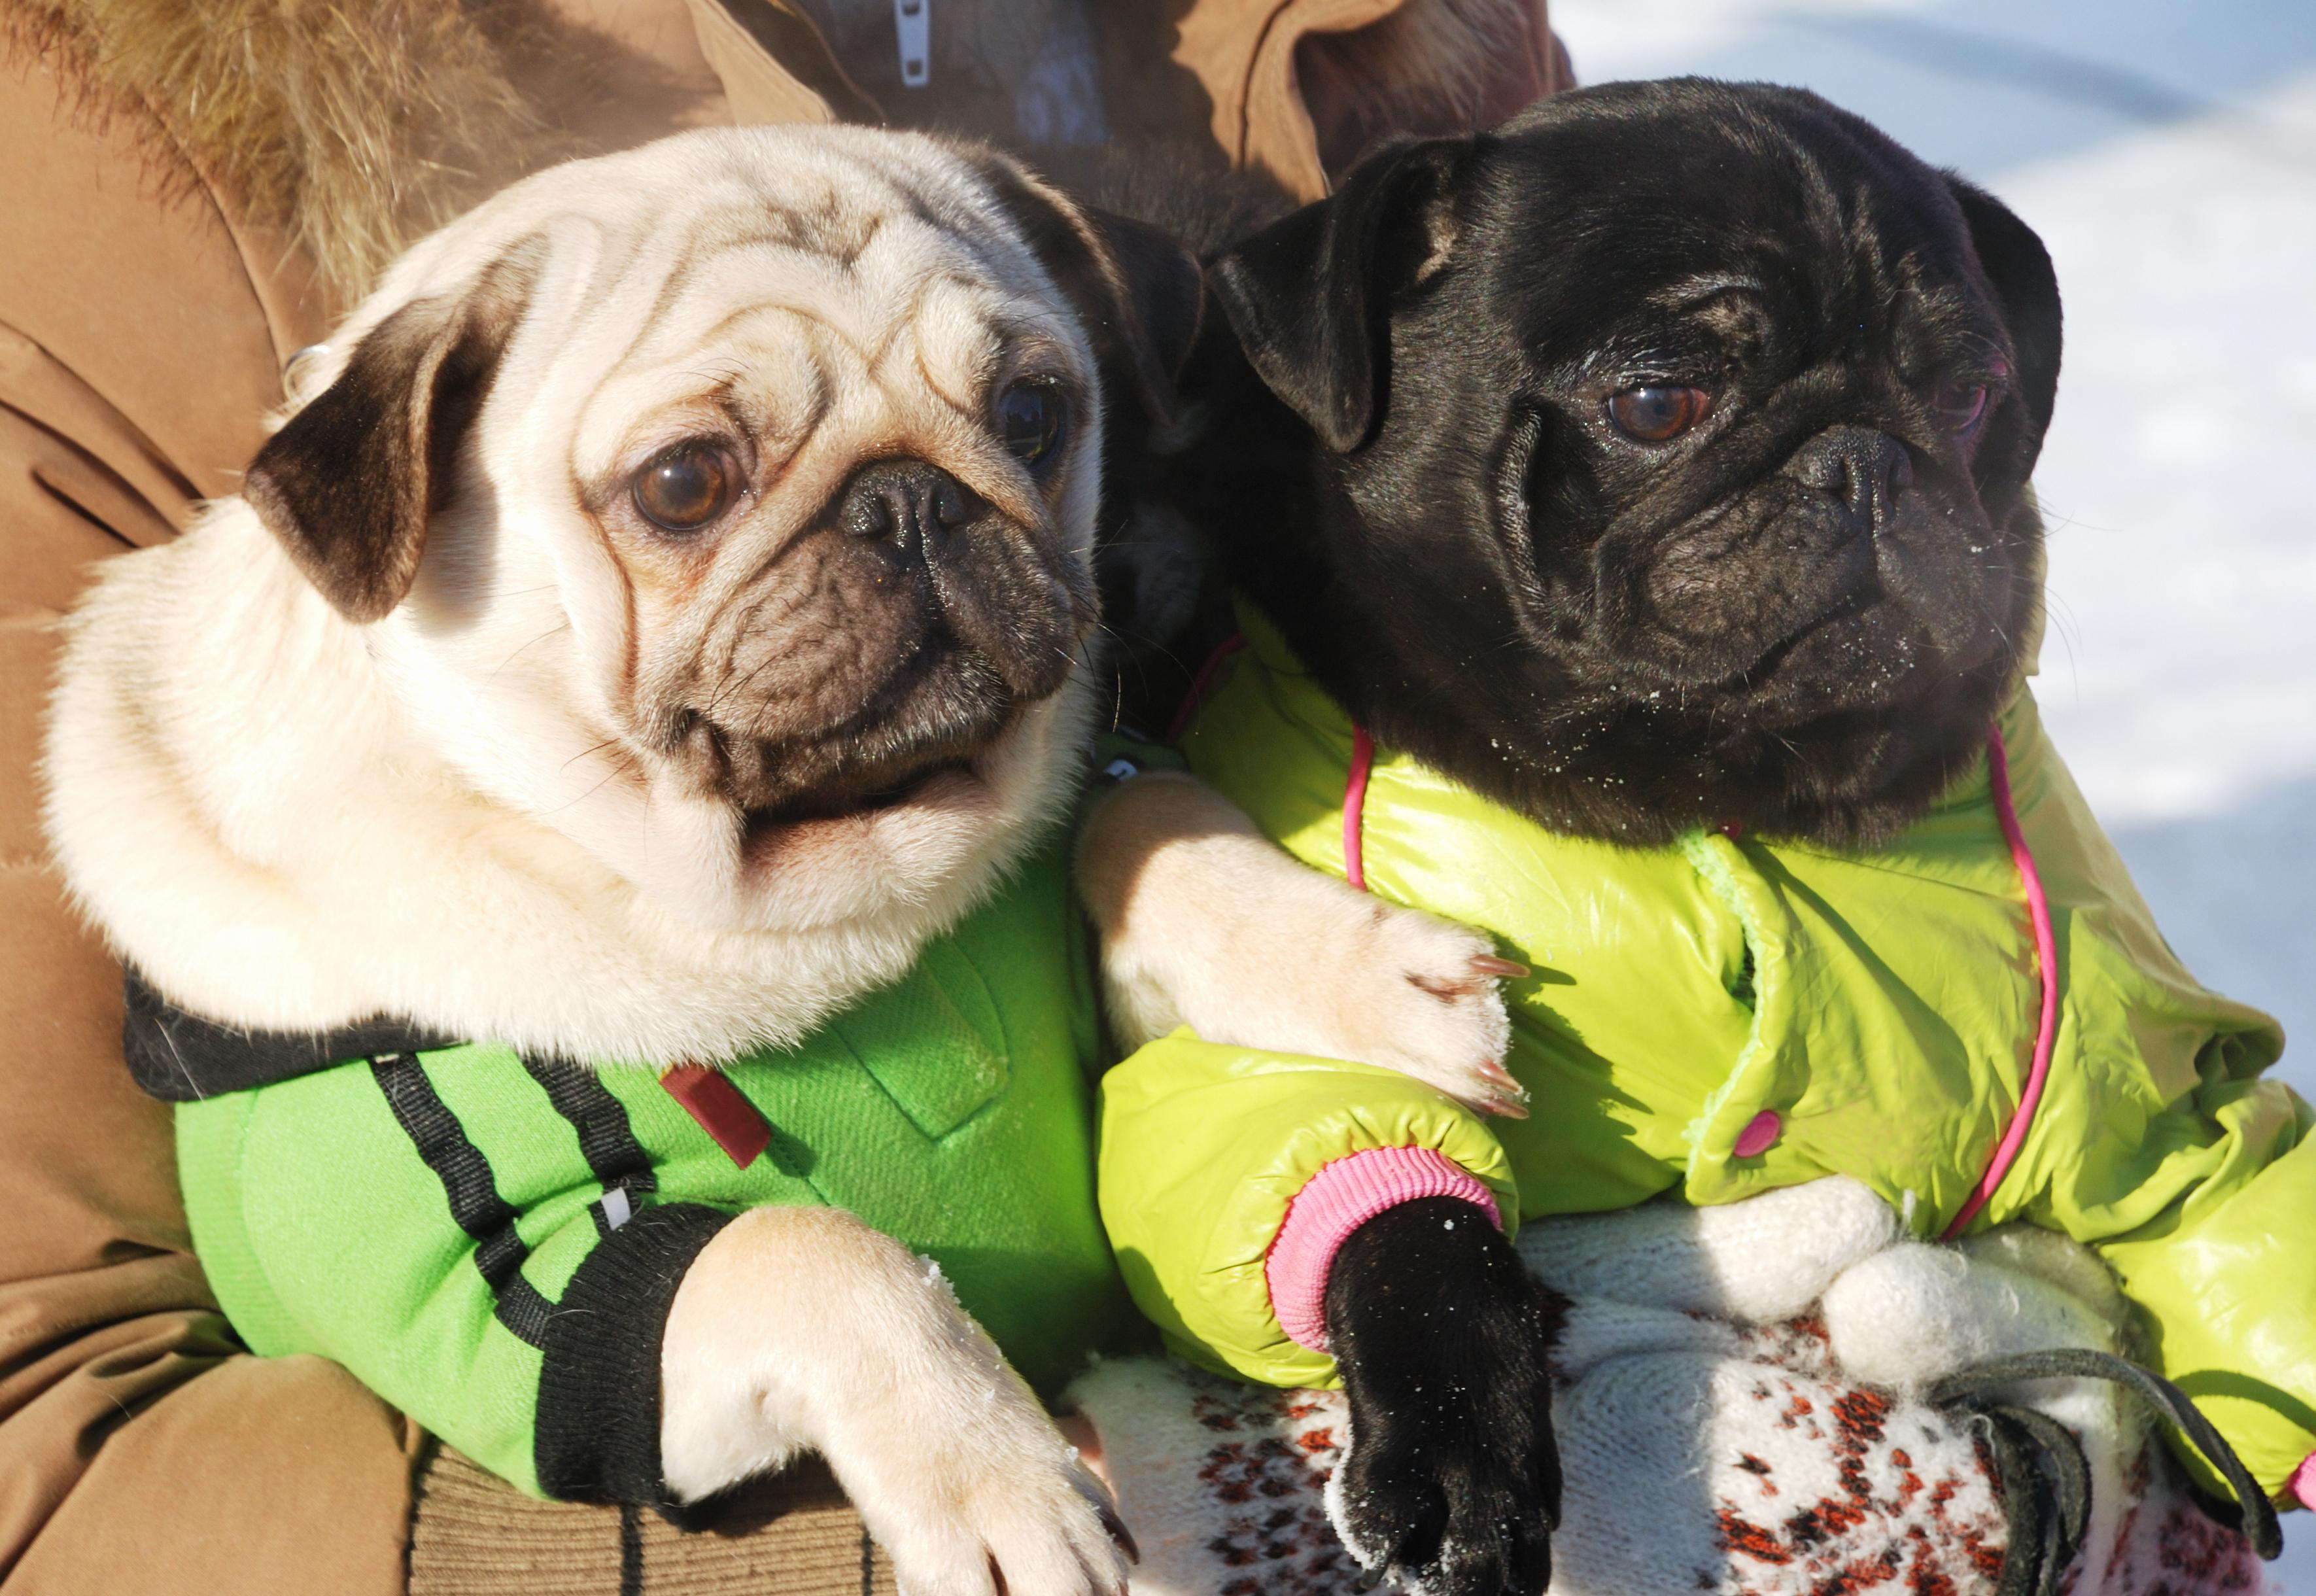 Det finns praktiska hundtäcken och liknande som både håller vädret ute och hunden varm.